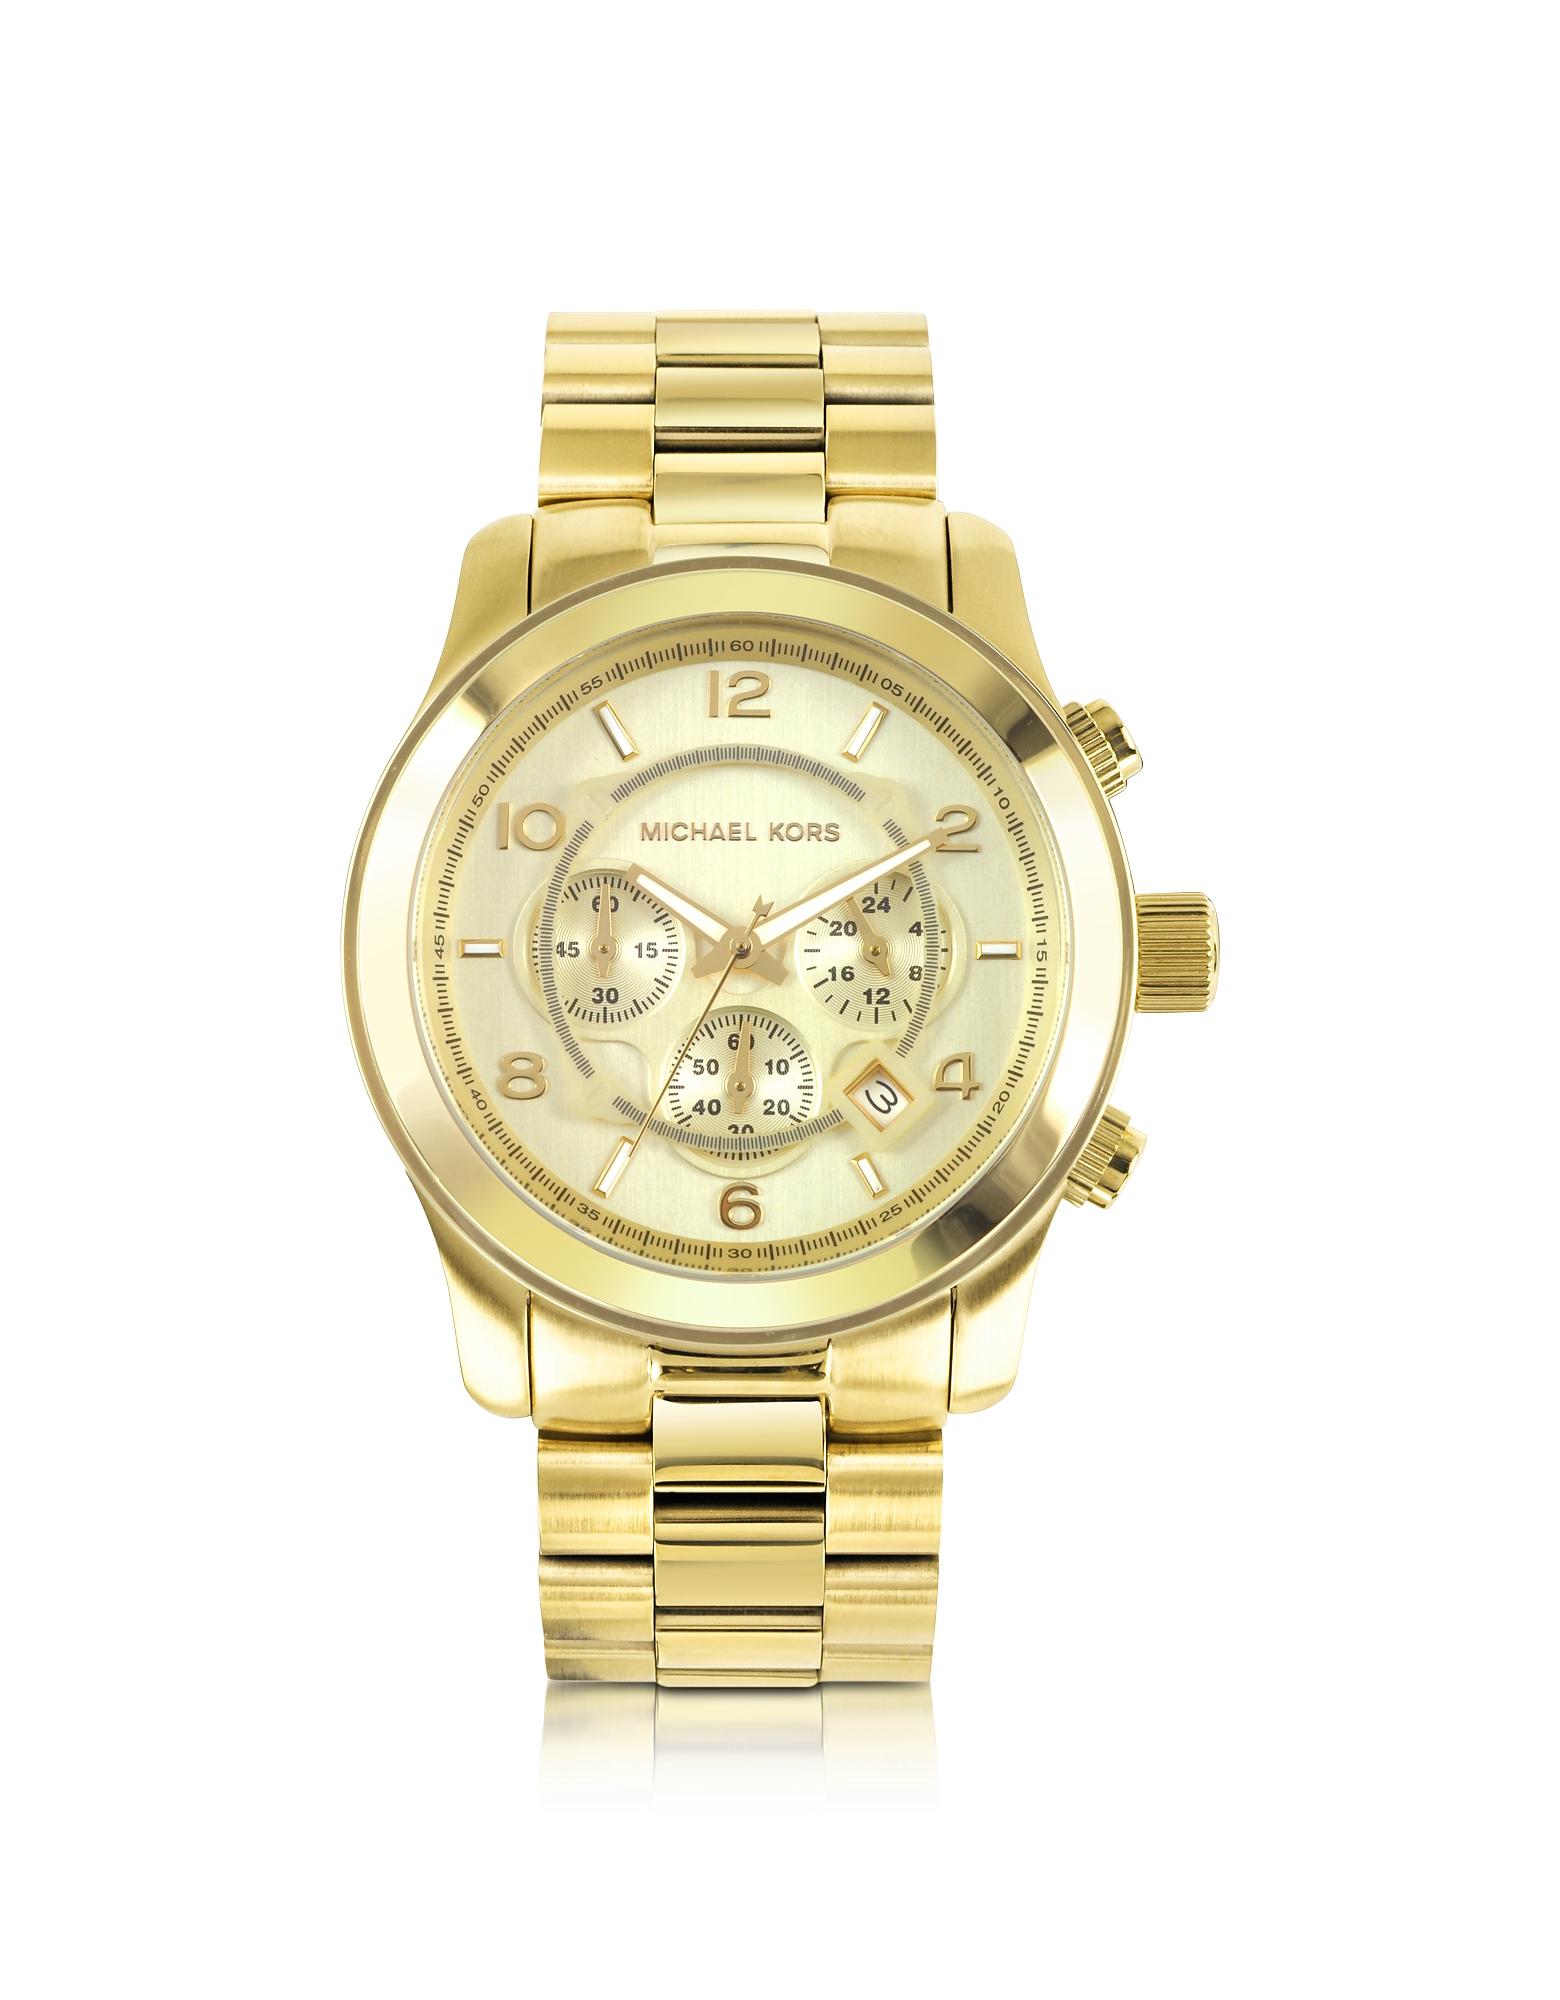 Michael Kors Men's Watches, Men's Runway Gold-Tone Stainless Steel Bracelet Watch